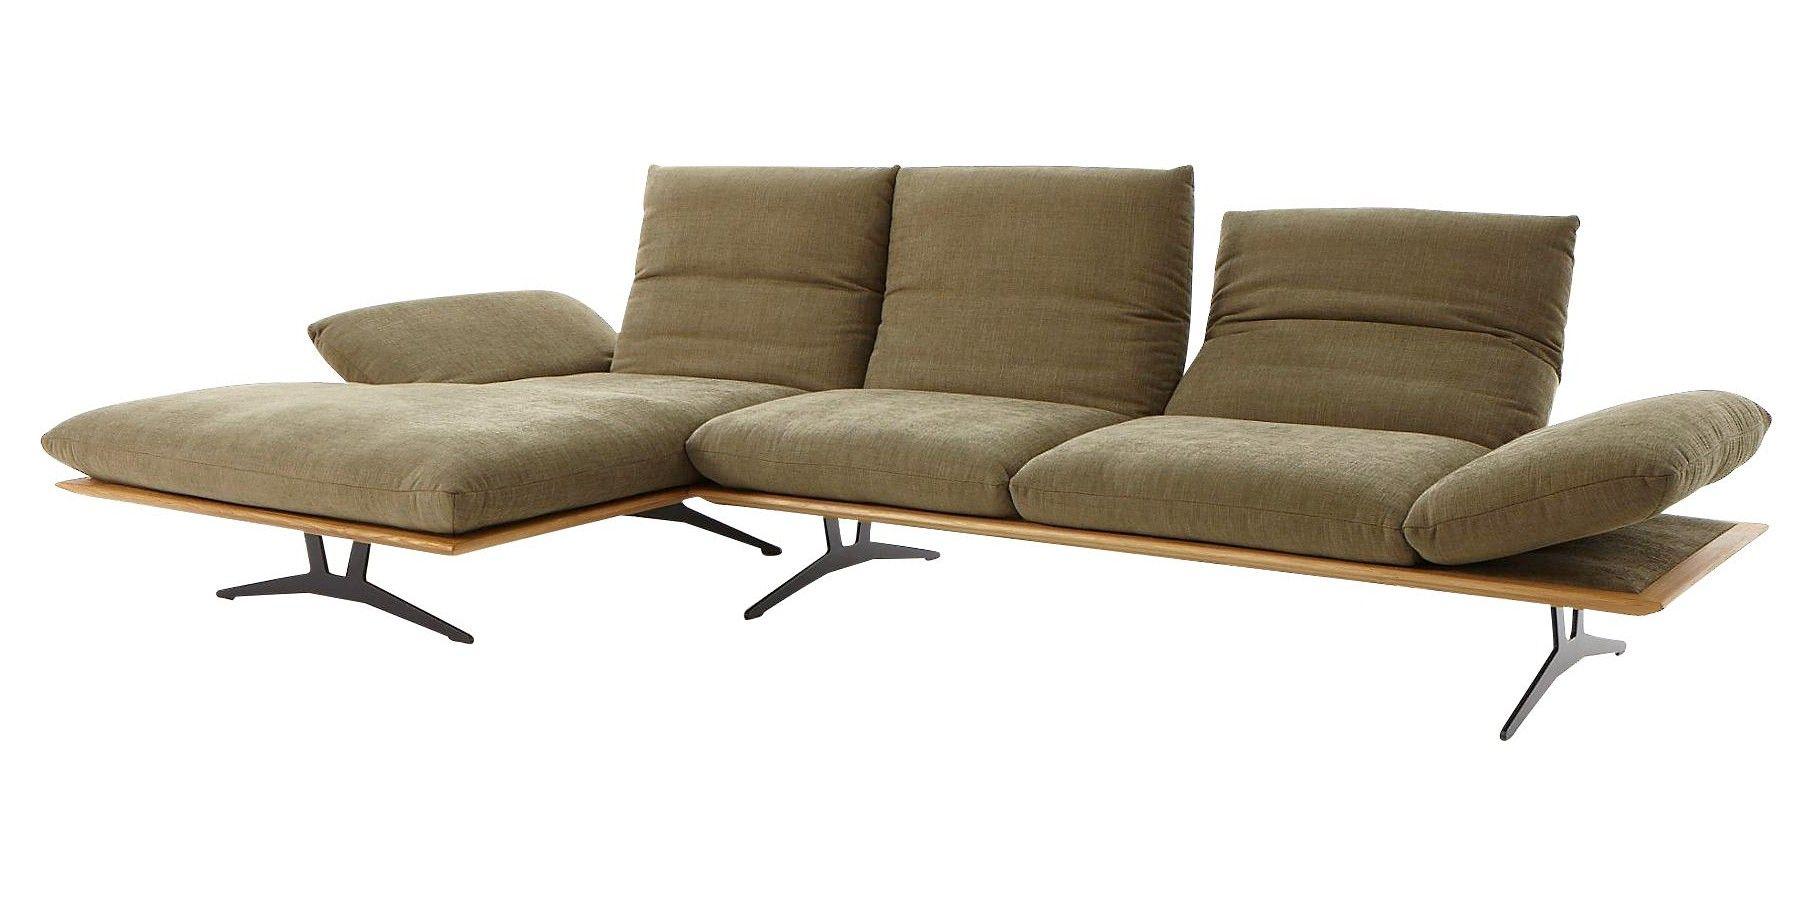 Ecksofa Grun Flachgewebe Wohnen Sofa Wohnzimmer